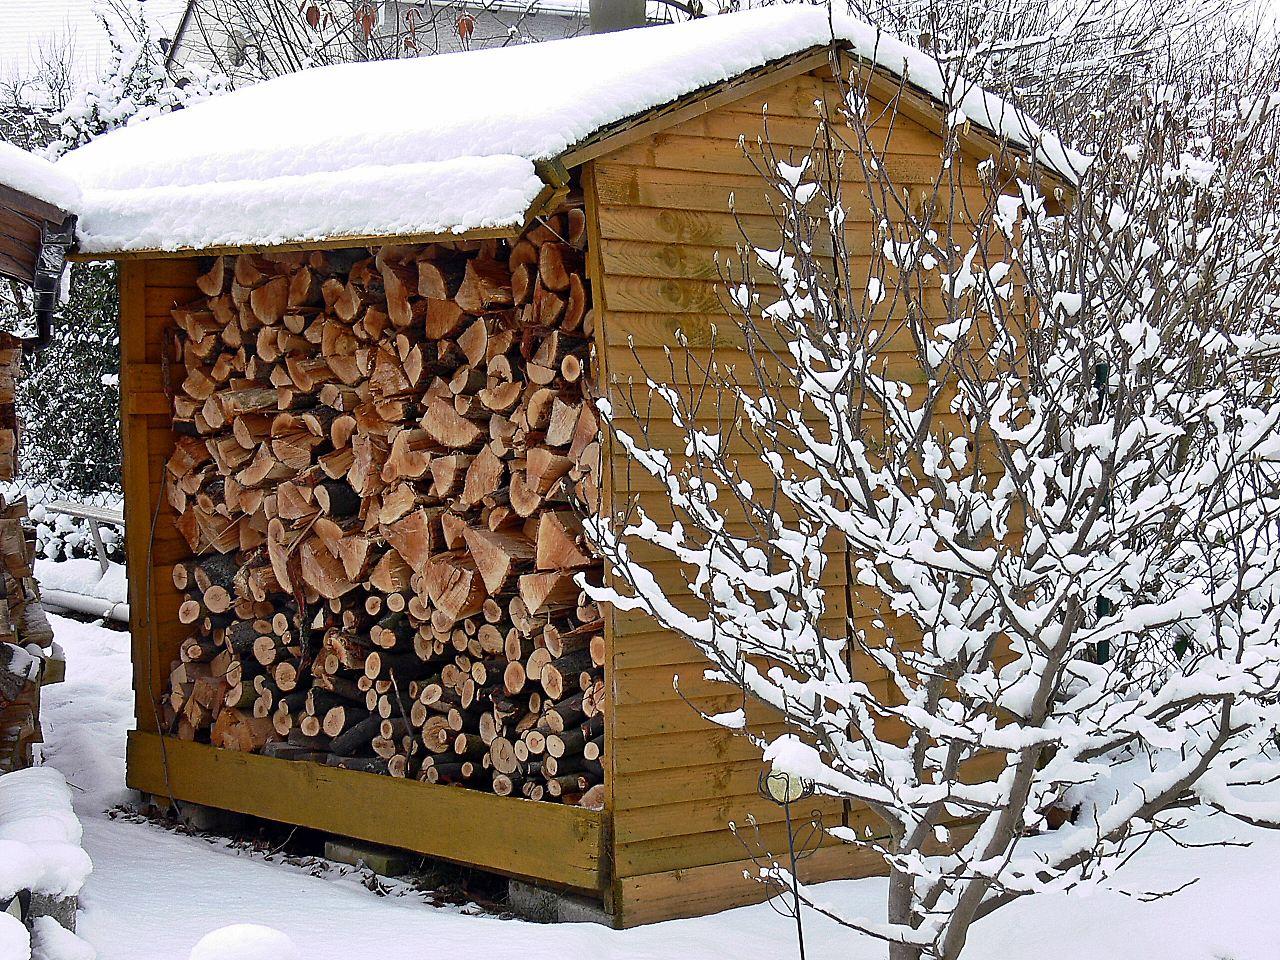 Holz Muss Zwei Jahre Lagern Bevor Es Verfeuert Werden Kann